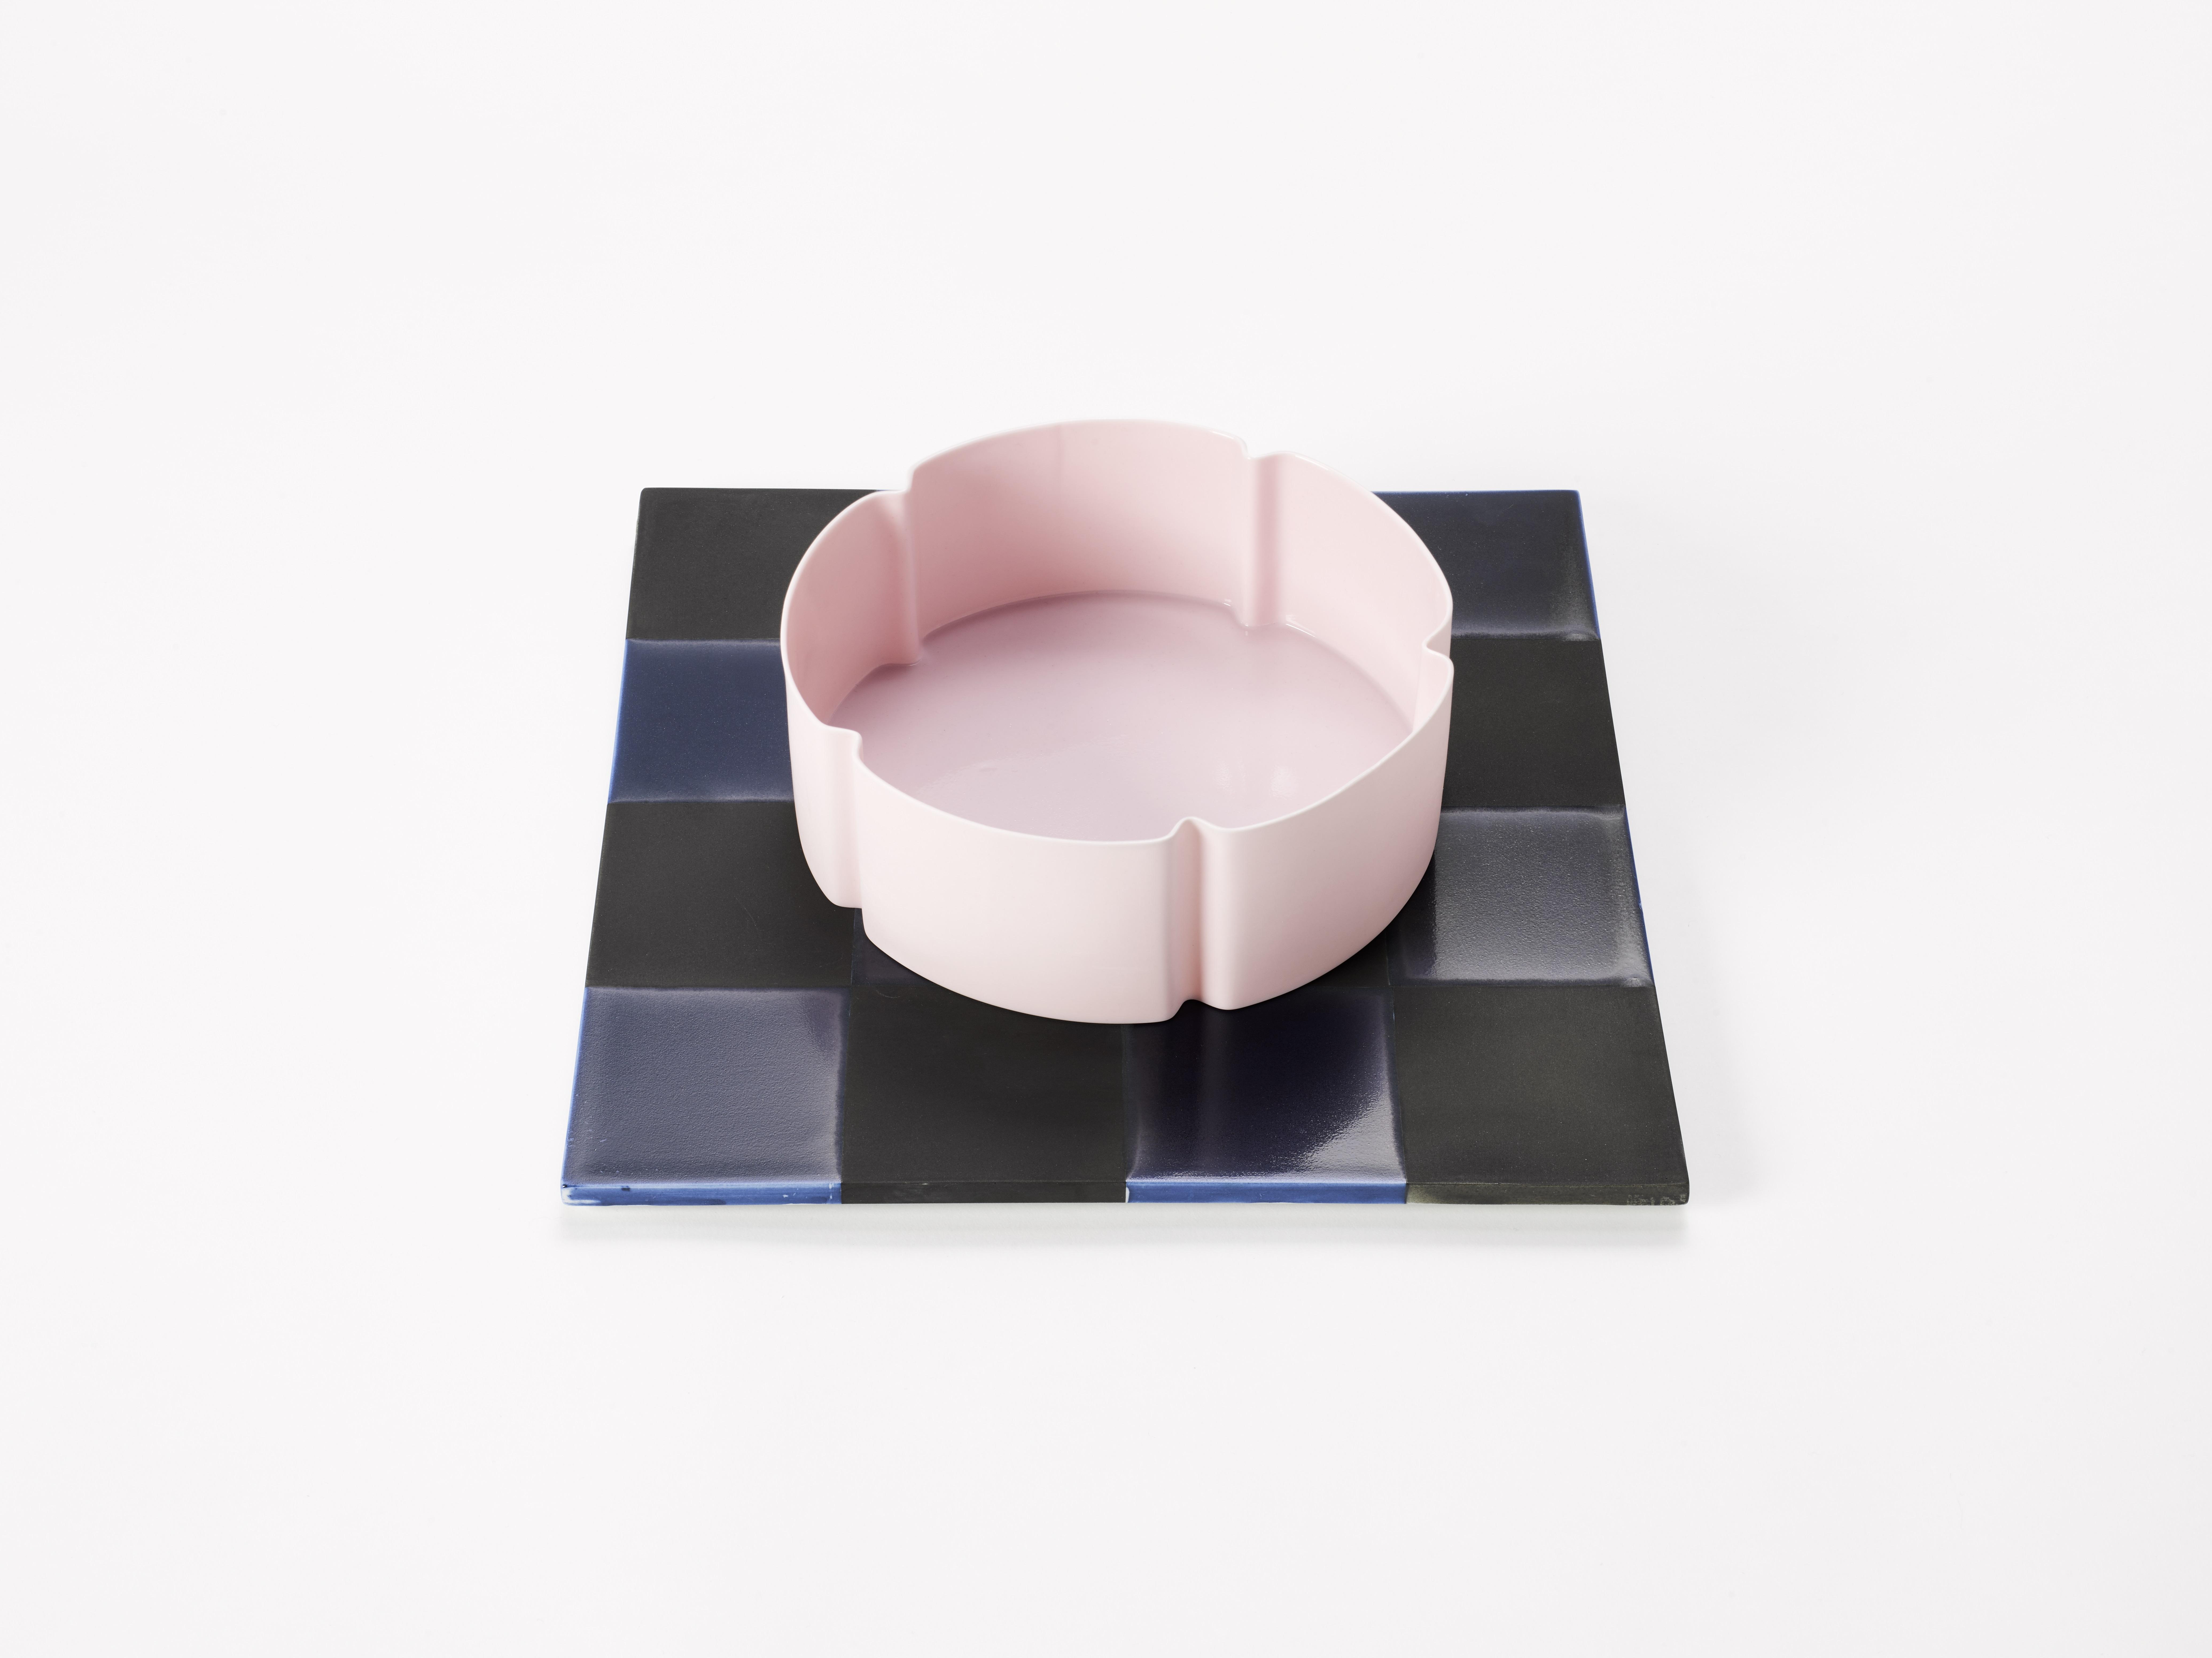 5. Margareta Daepp: Pinkfarbene Blüte auf Quadrat, 2016